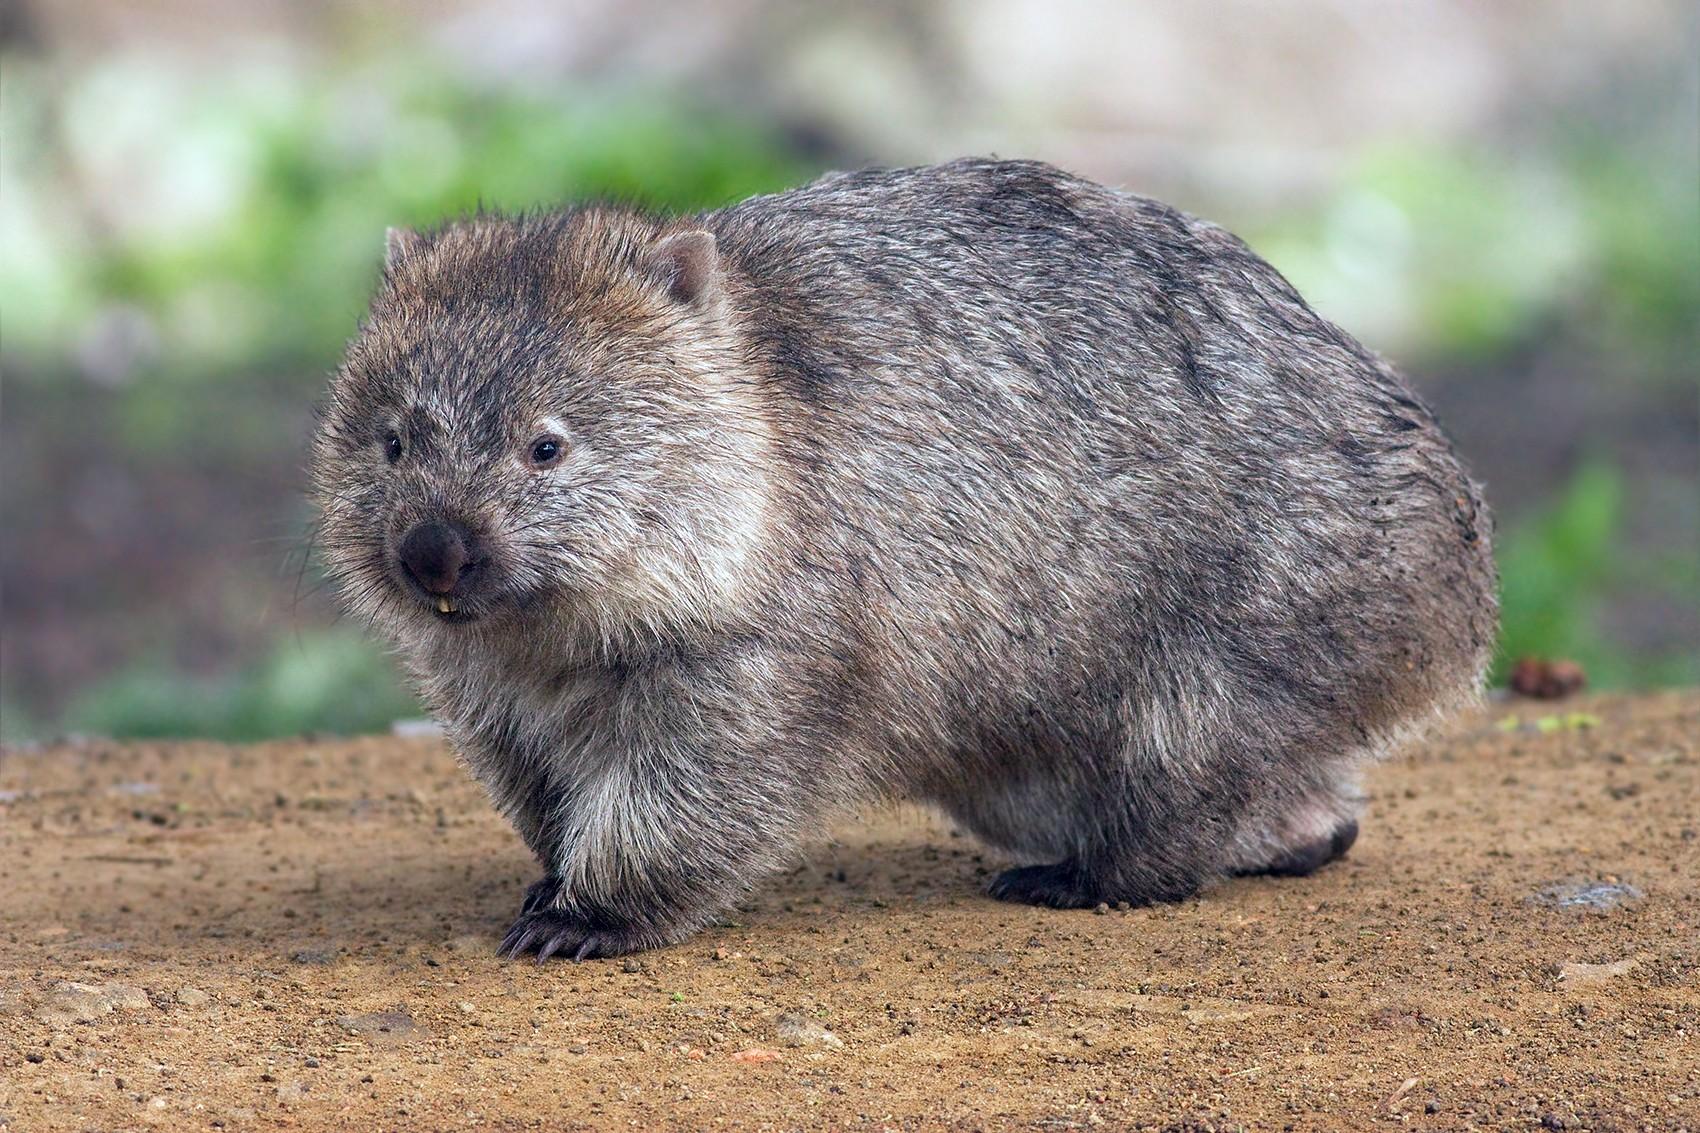 Cientistas descobriram o motivo pelo qual o Vombate faz cocô quadrado (Foto: Wikimedia Commons / JJ Harrison)